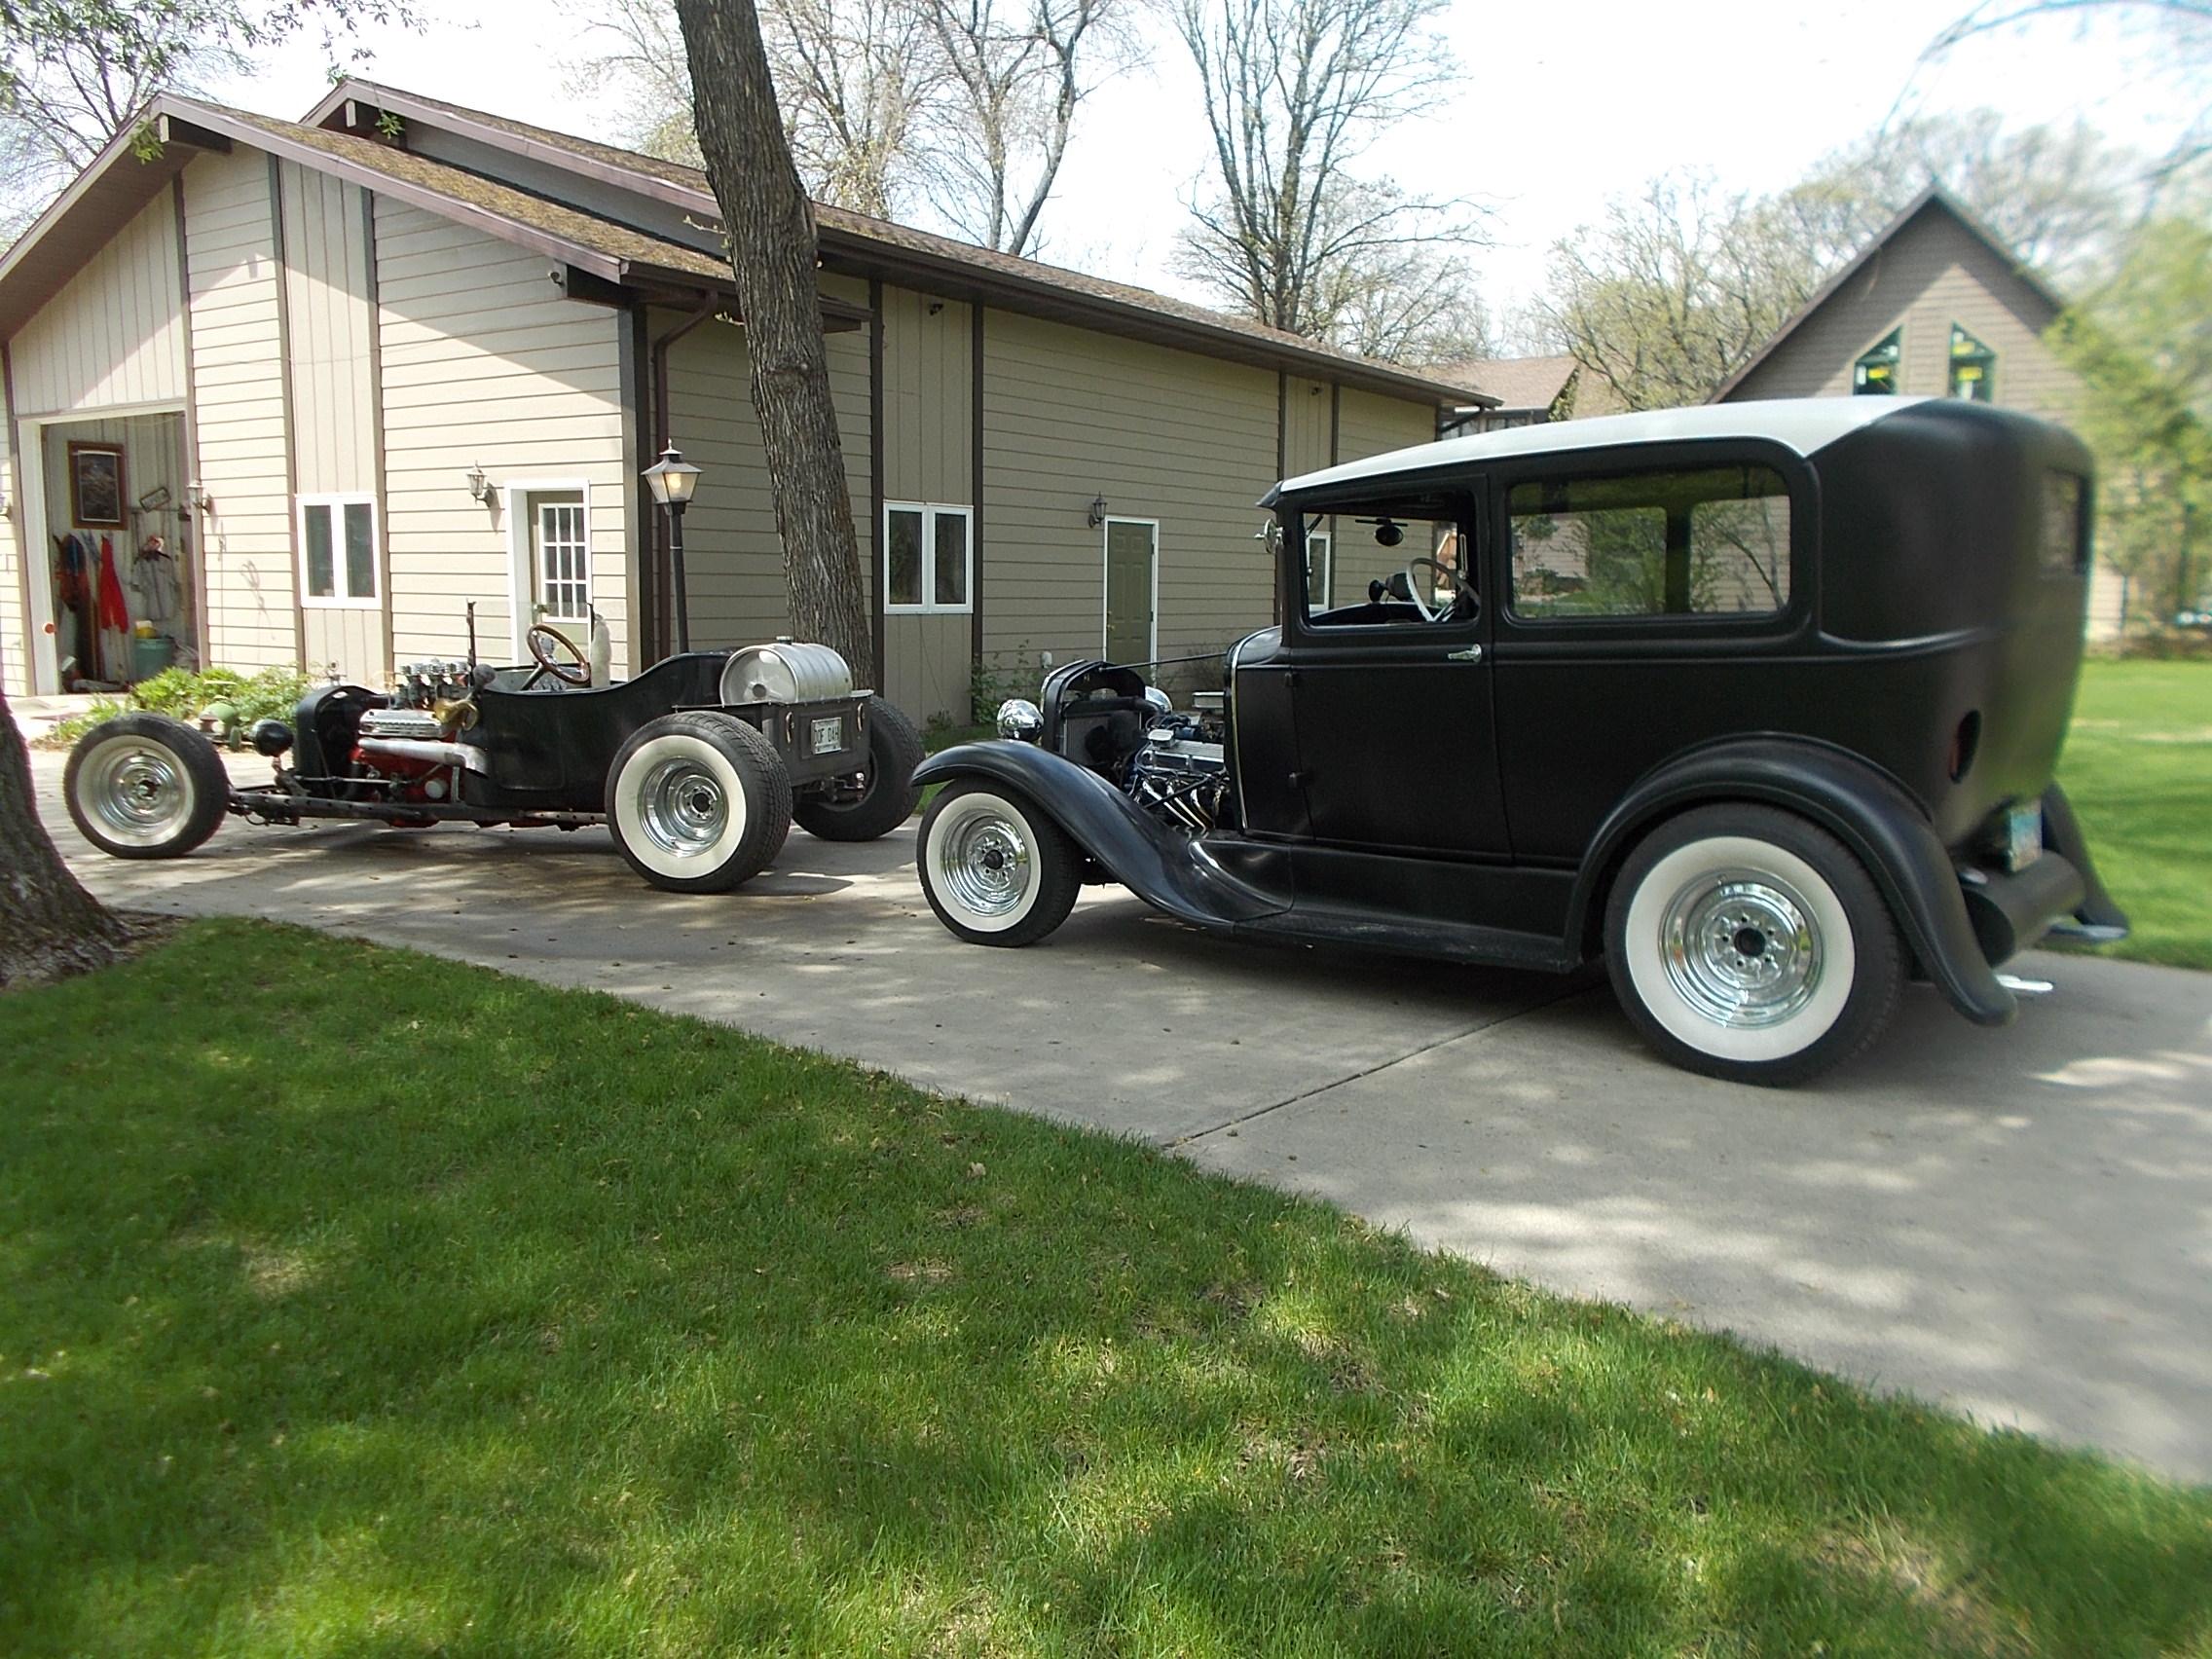 1931 FORD MODEL A STREET ROD - Greater Dakota Classics